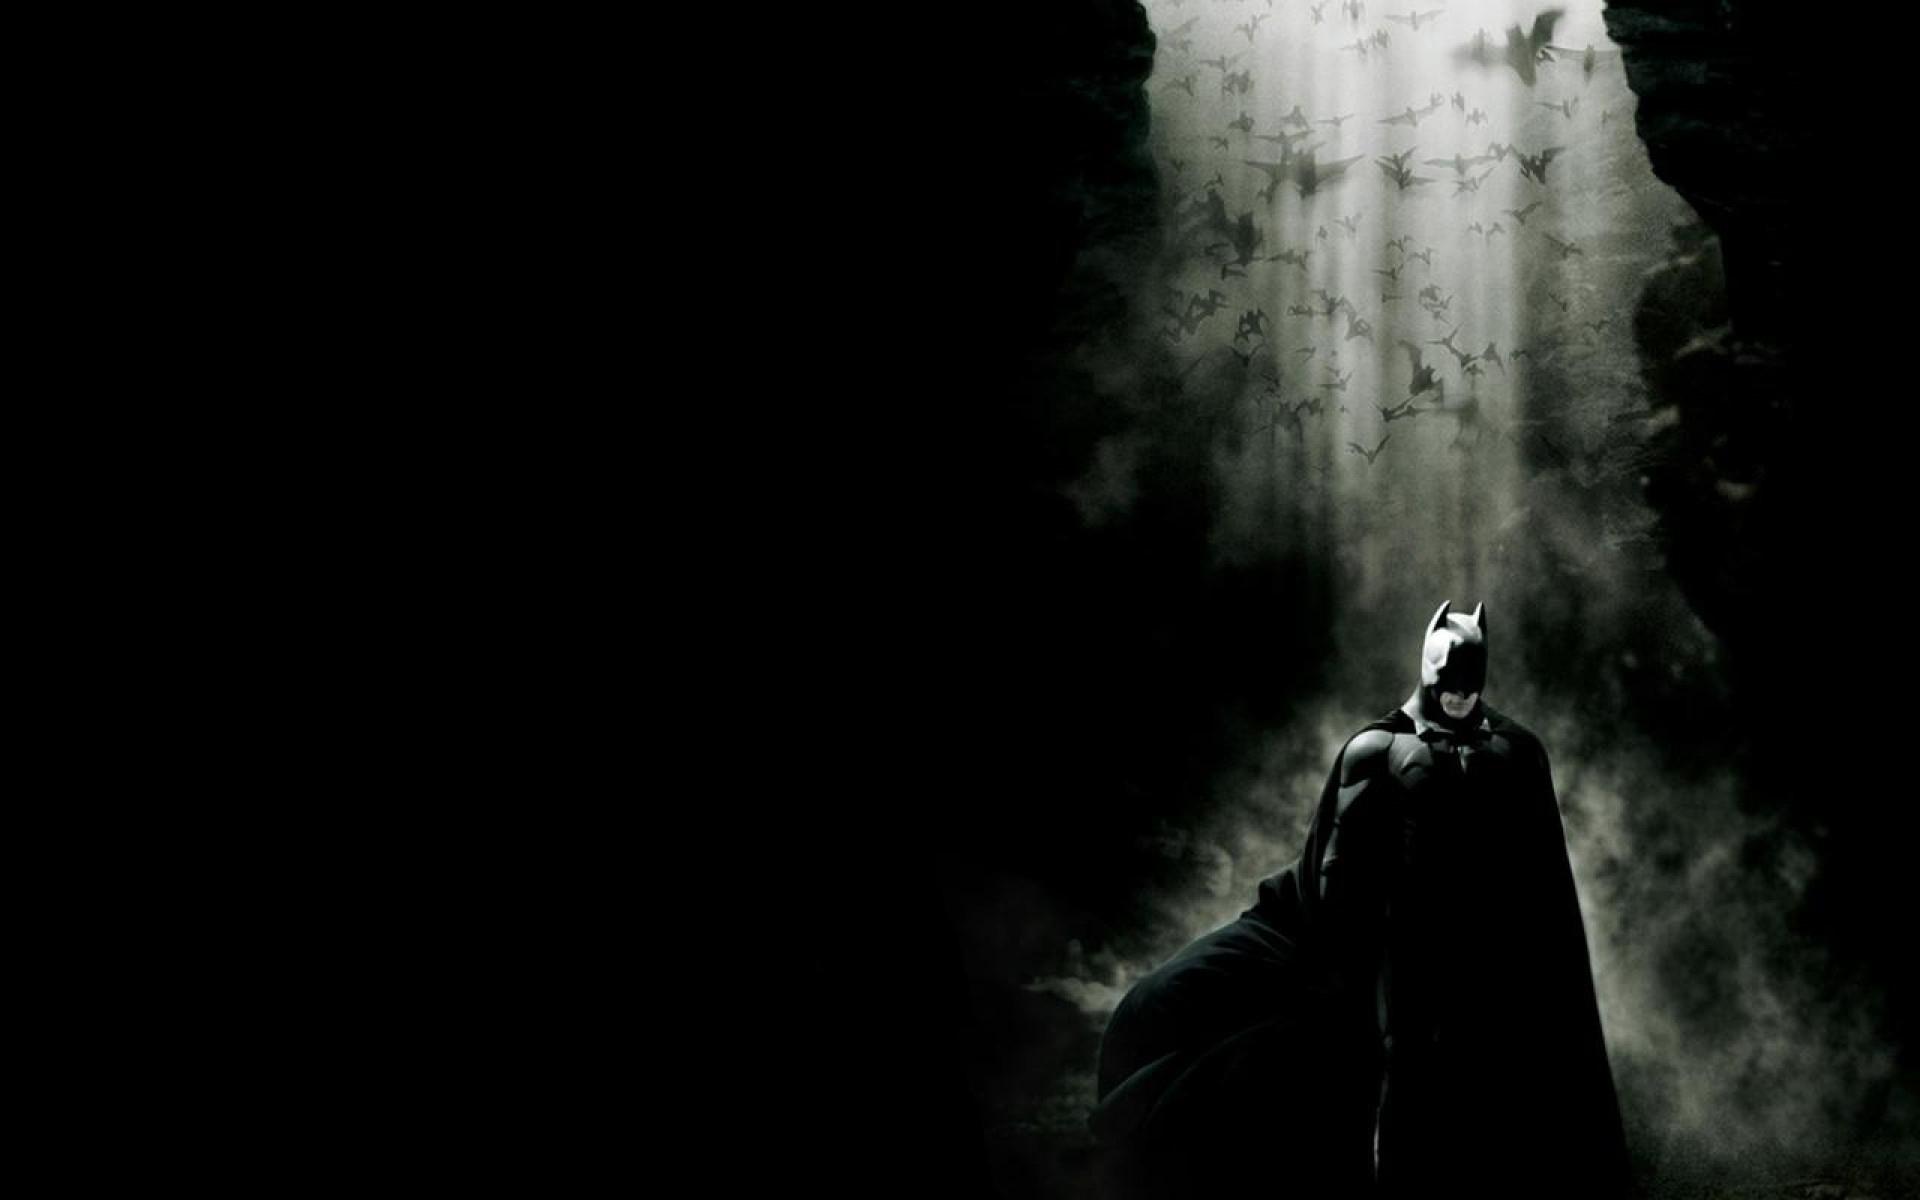 batman logo hd wallpaper images